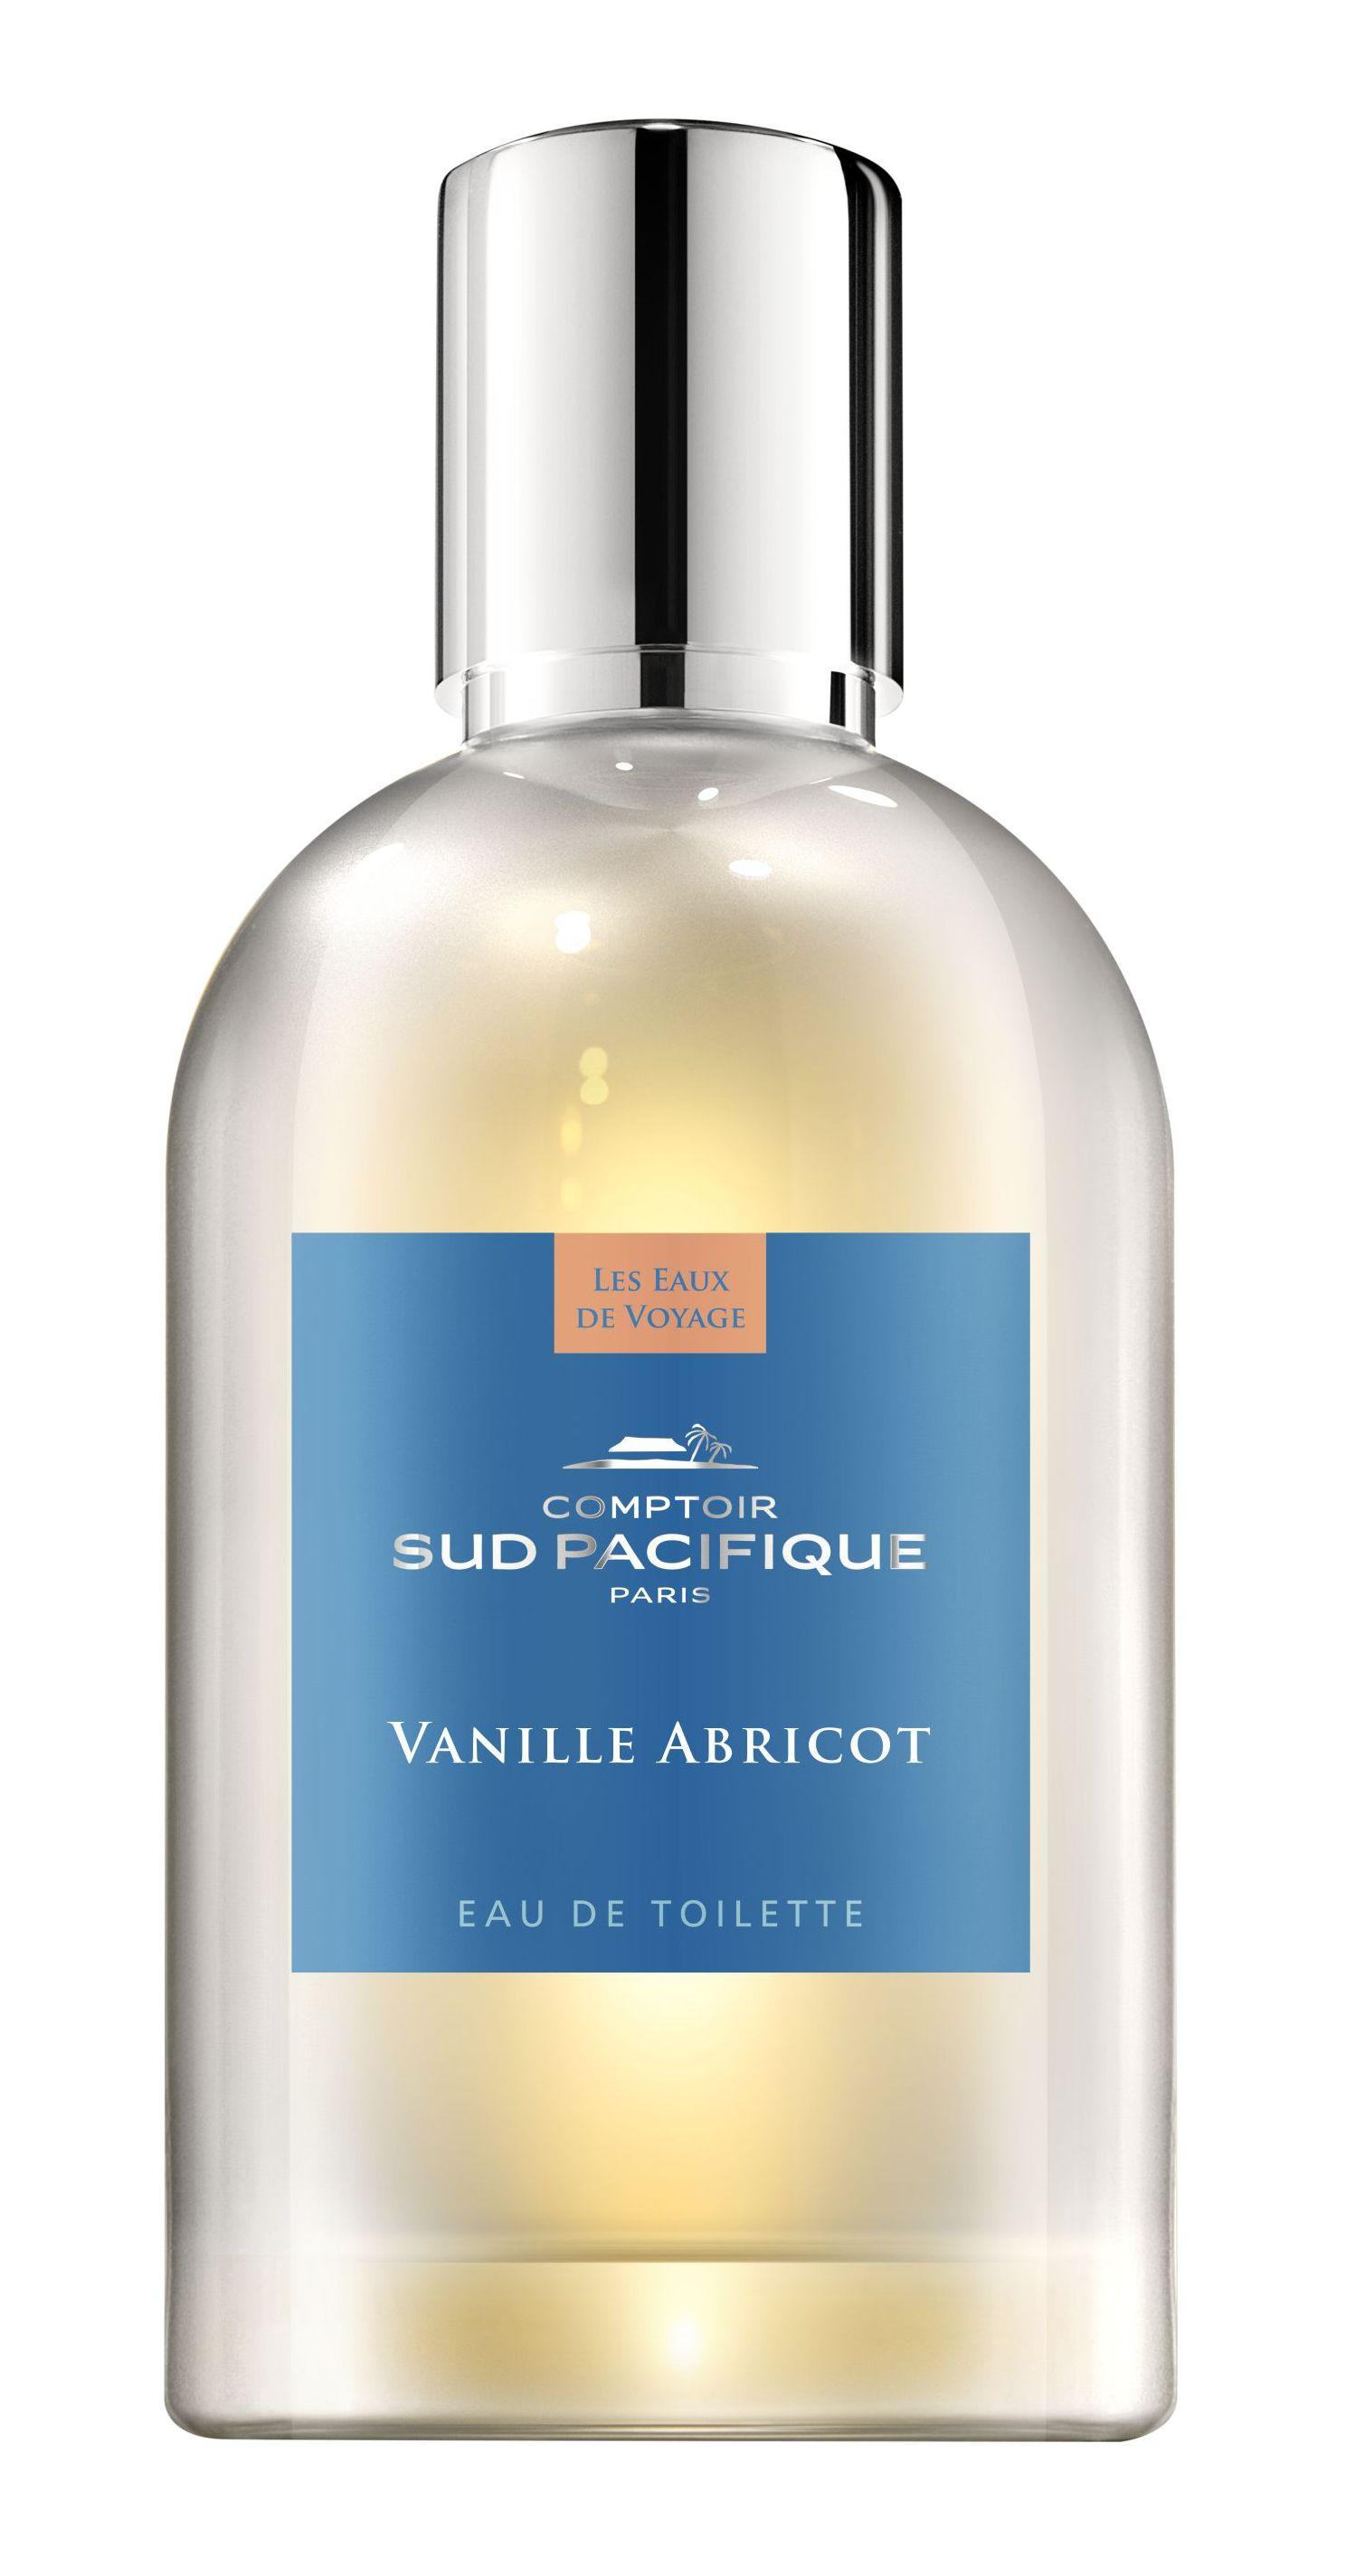 COMPTOIR SUD PACIFIQUE Вода туалетная Ваниль абрикос / LES EAUX DE VOYAGE 30 мл